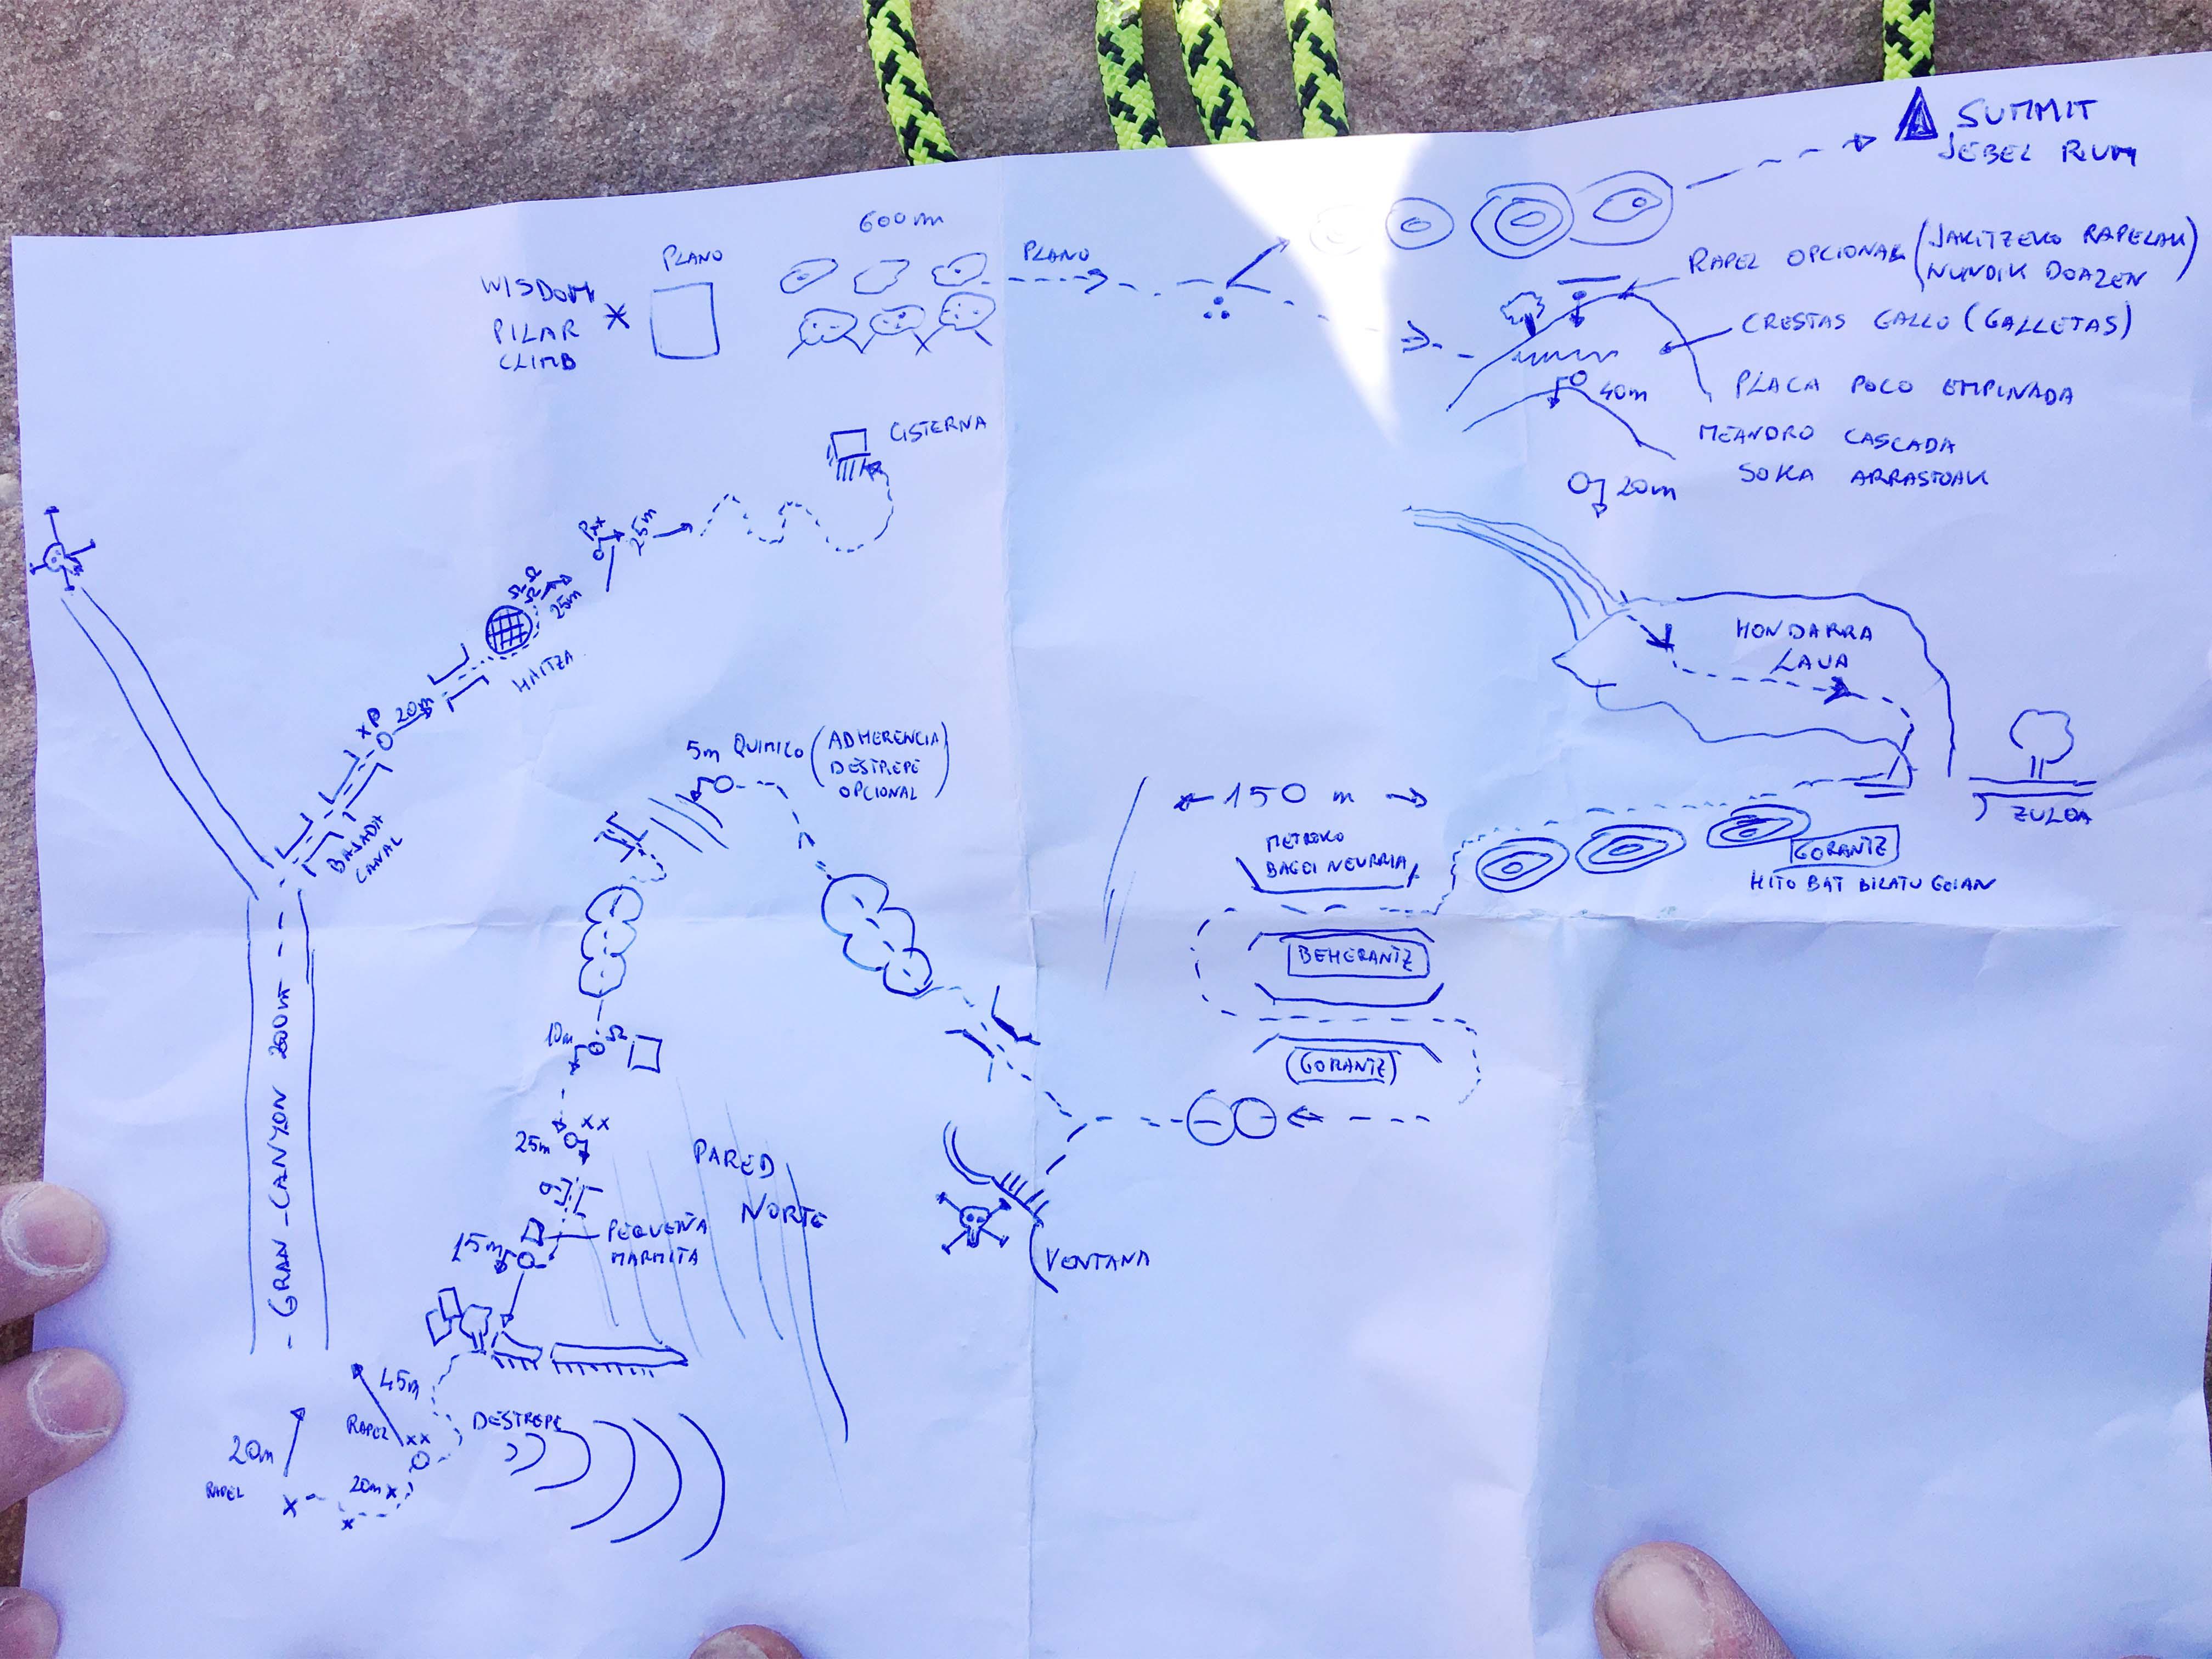 Mappa disegnata a mano del percorso di discesa dal Jebel Rum